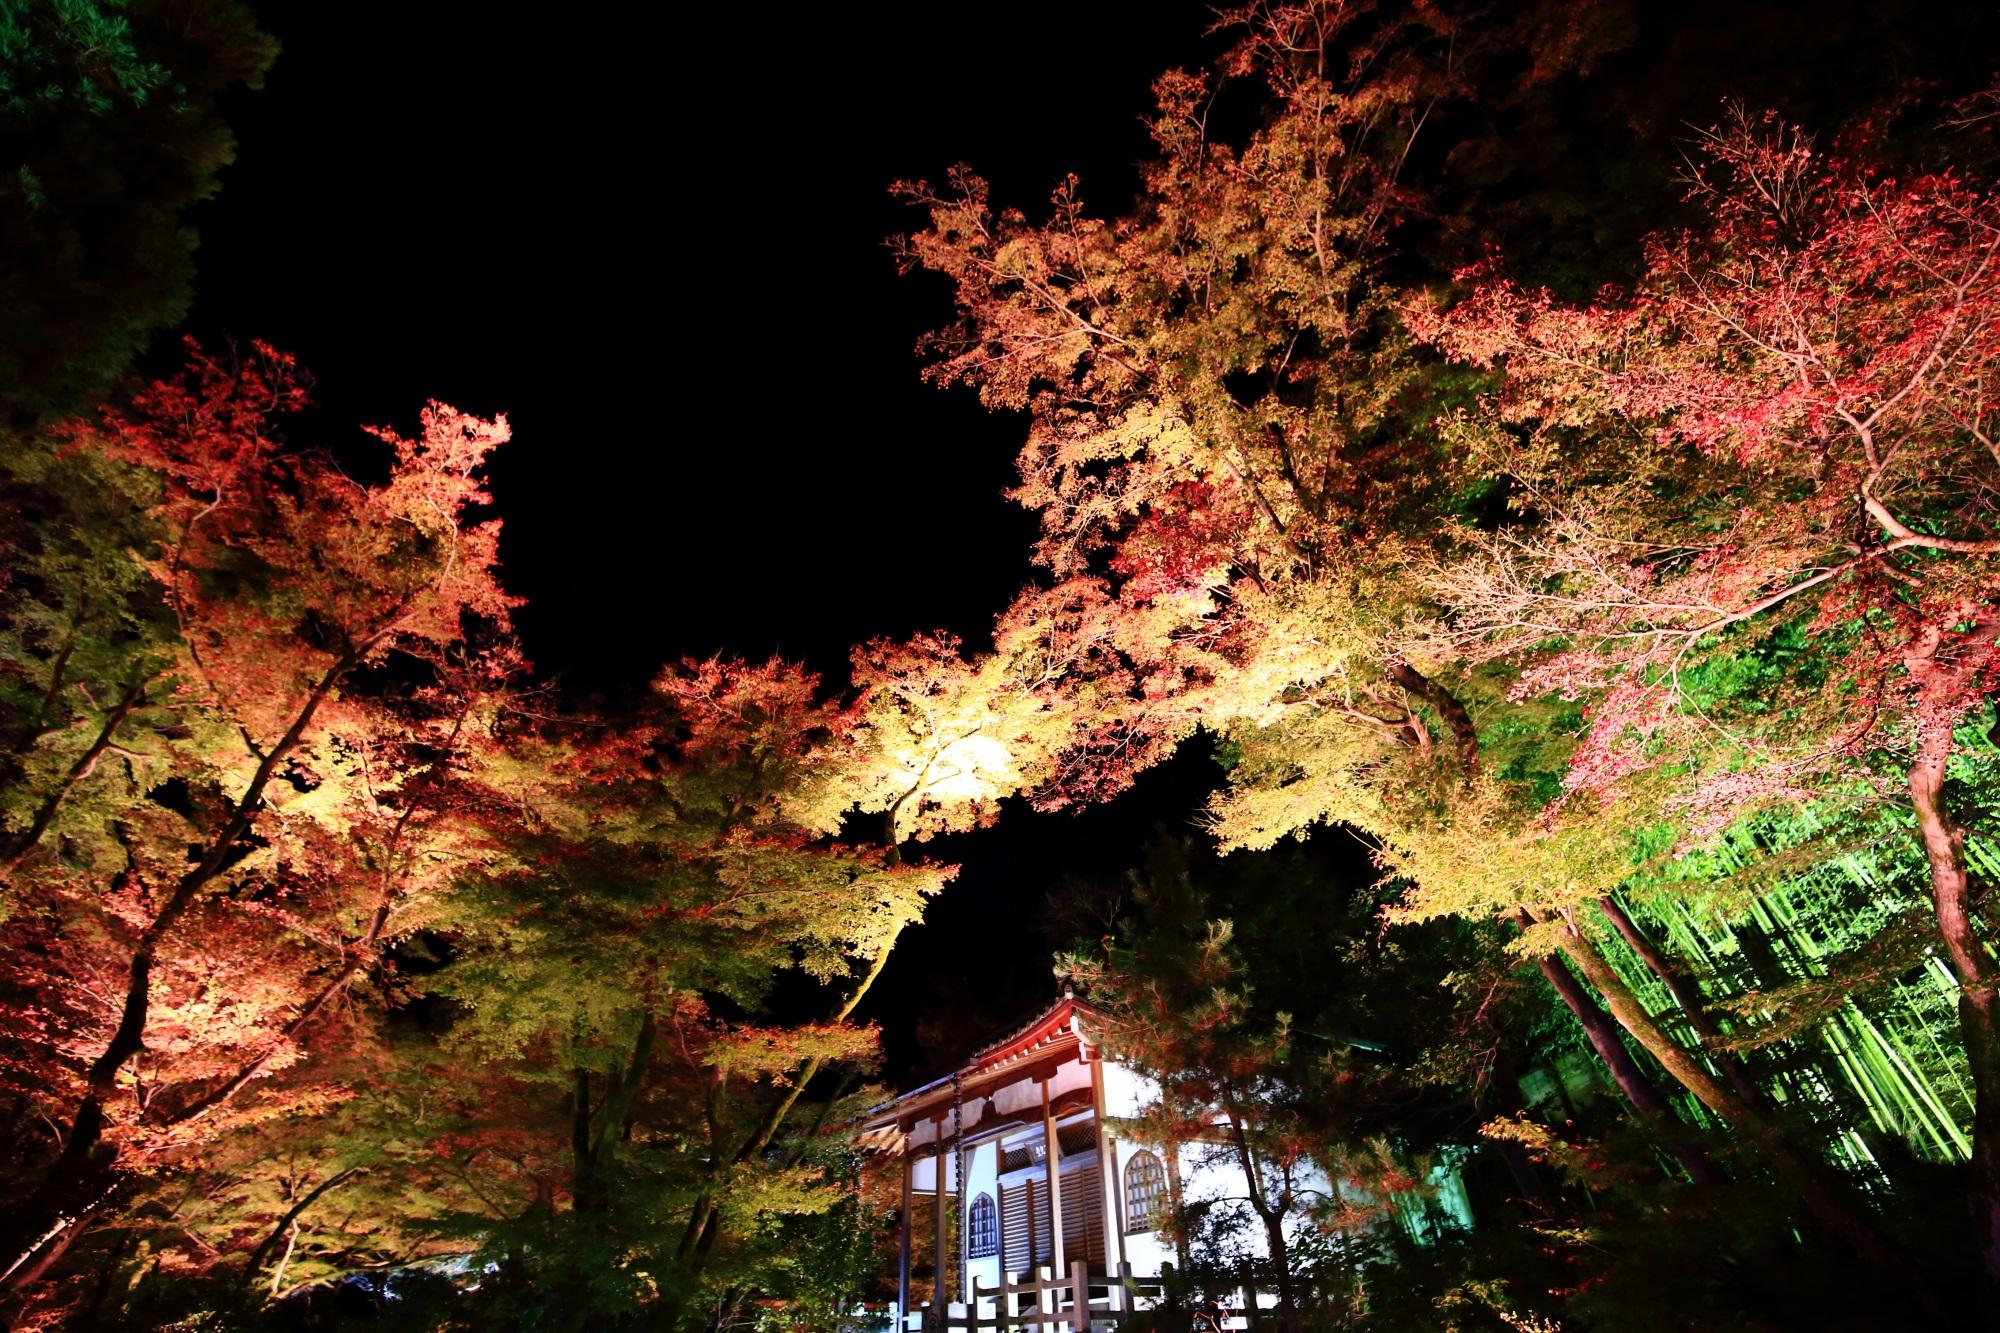 嵐山のもみじの名所の天龍寺宝厳院の獅子吼の庭の無礙光堂(むげこうどう)と紅葉と竹林のライトアップ